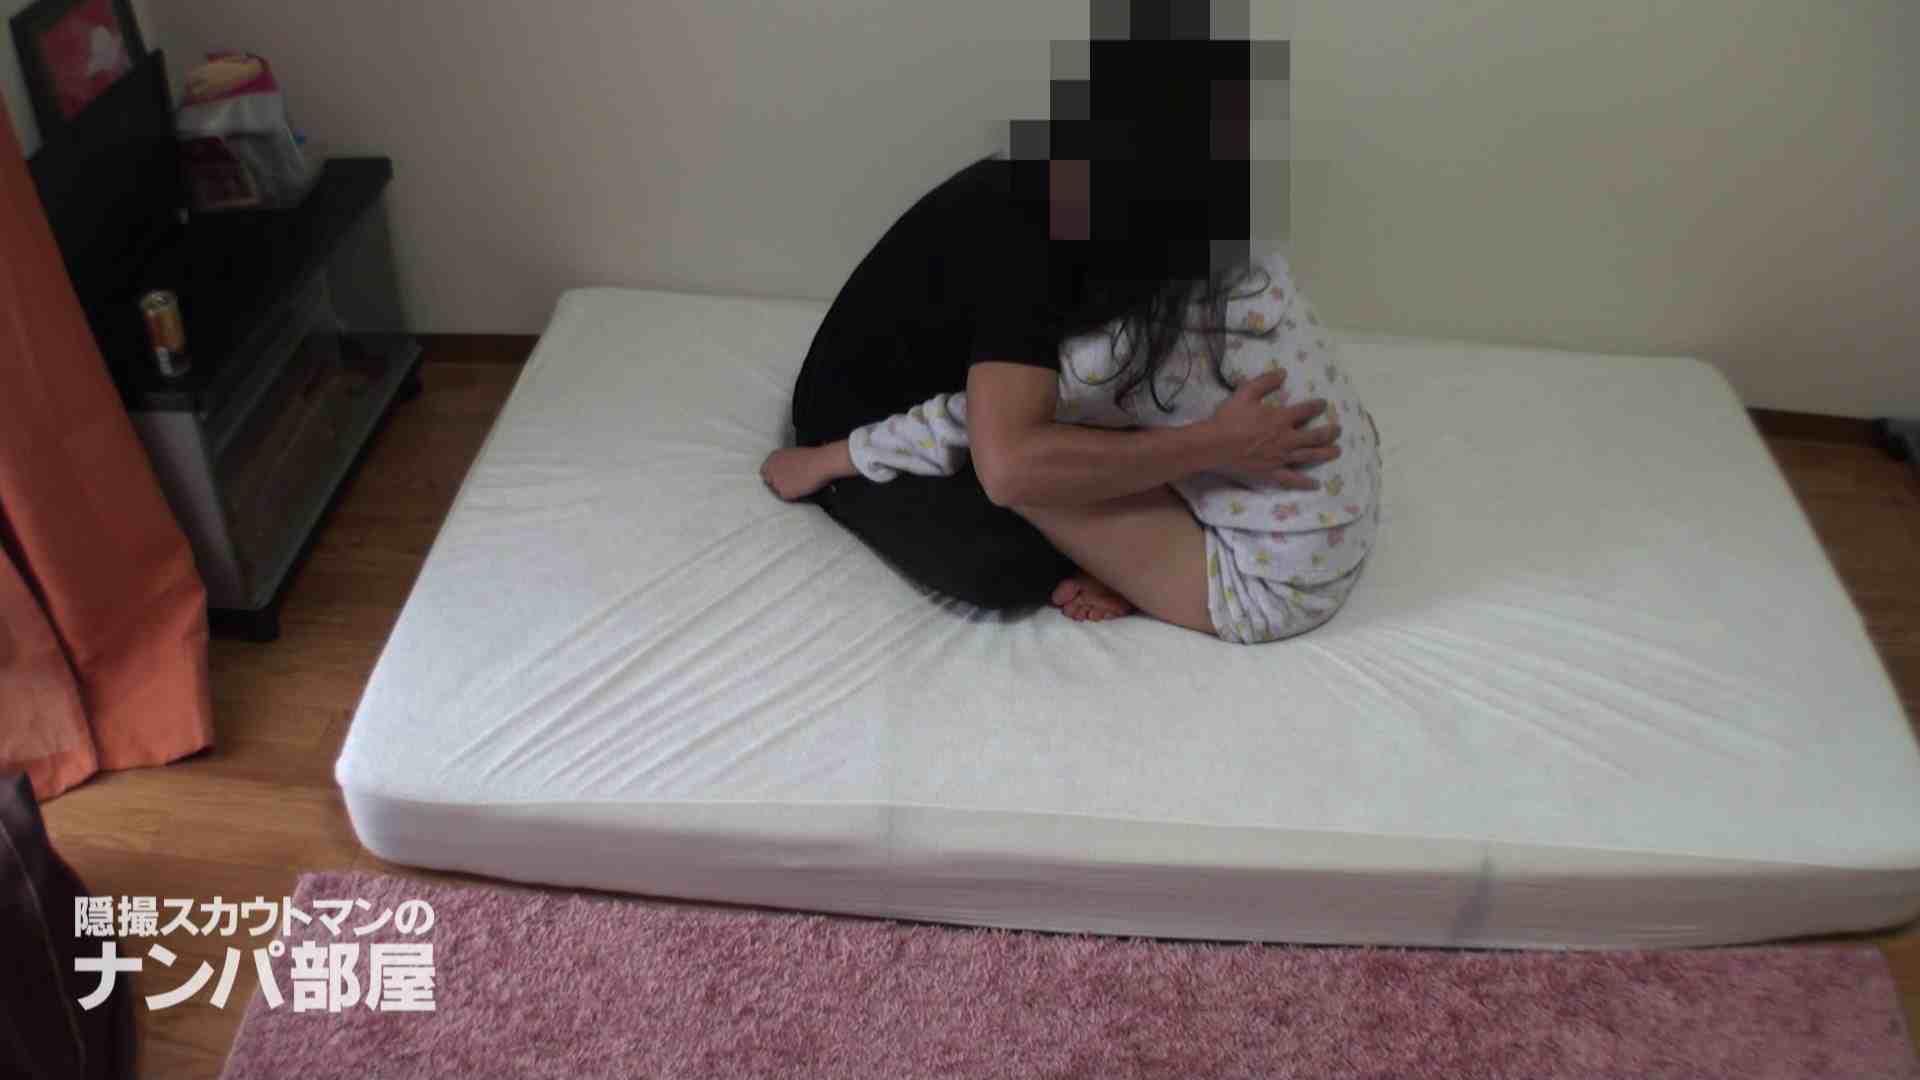 隠撮スカウトマンのナンパ部屋~風俗デビュー前のつまみ食い~hanavol.3 ナンパ エロ無料画像 111pic 73